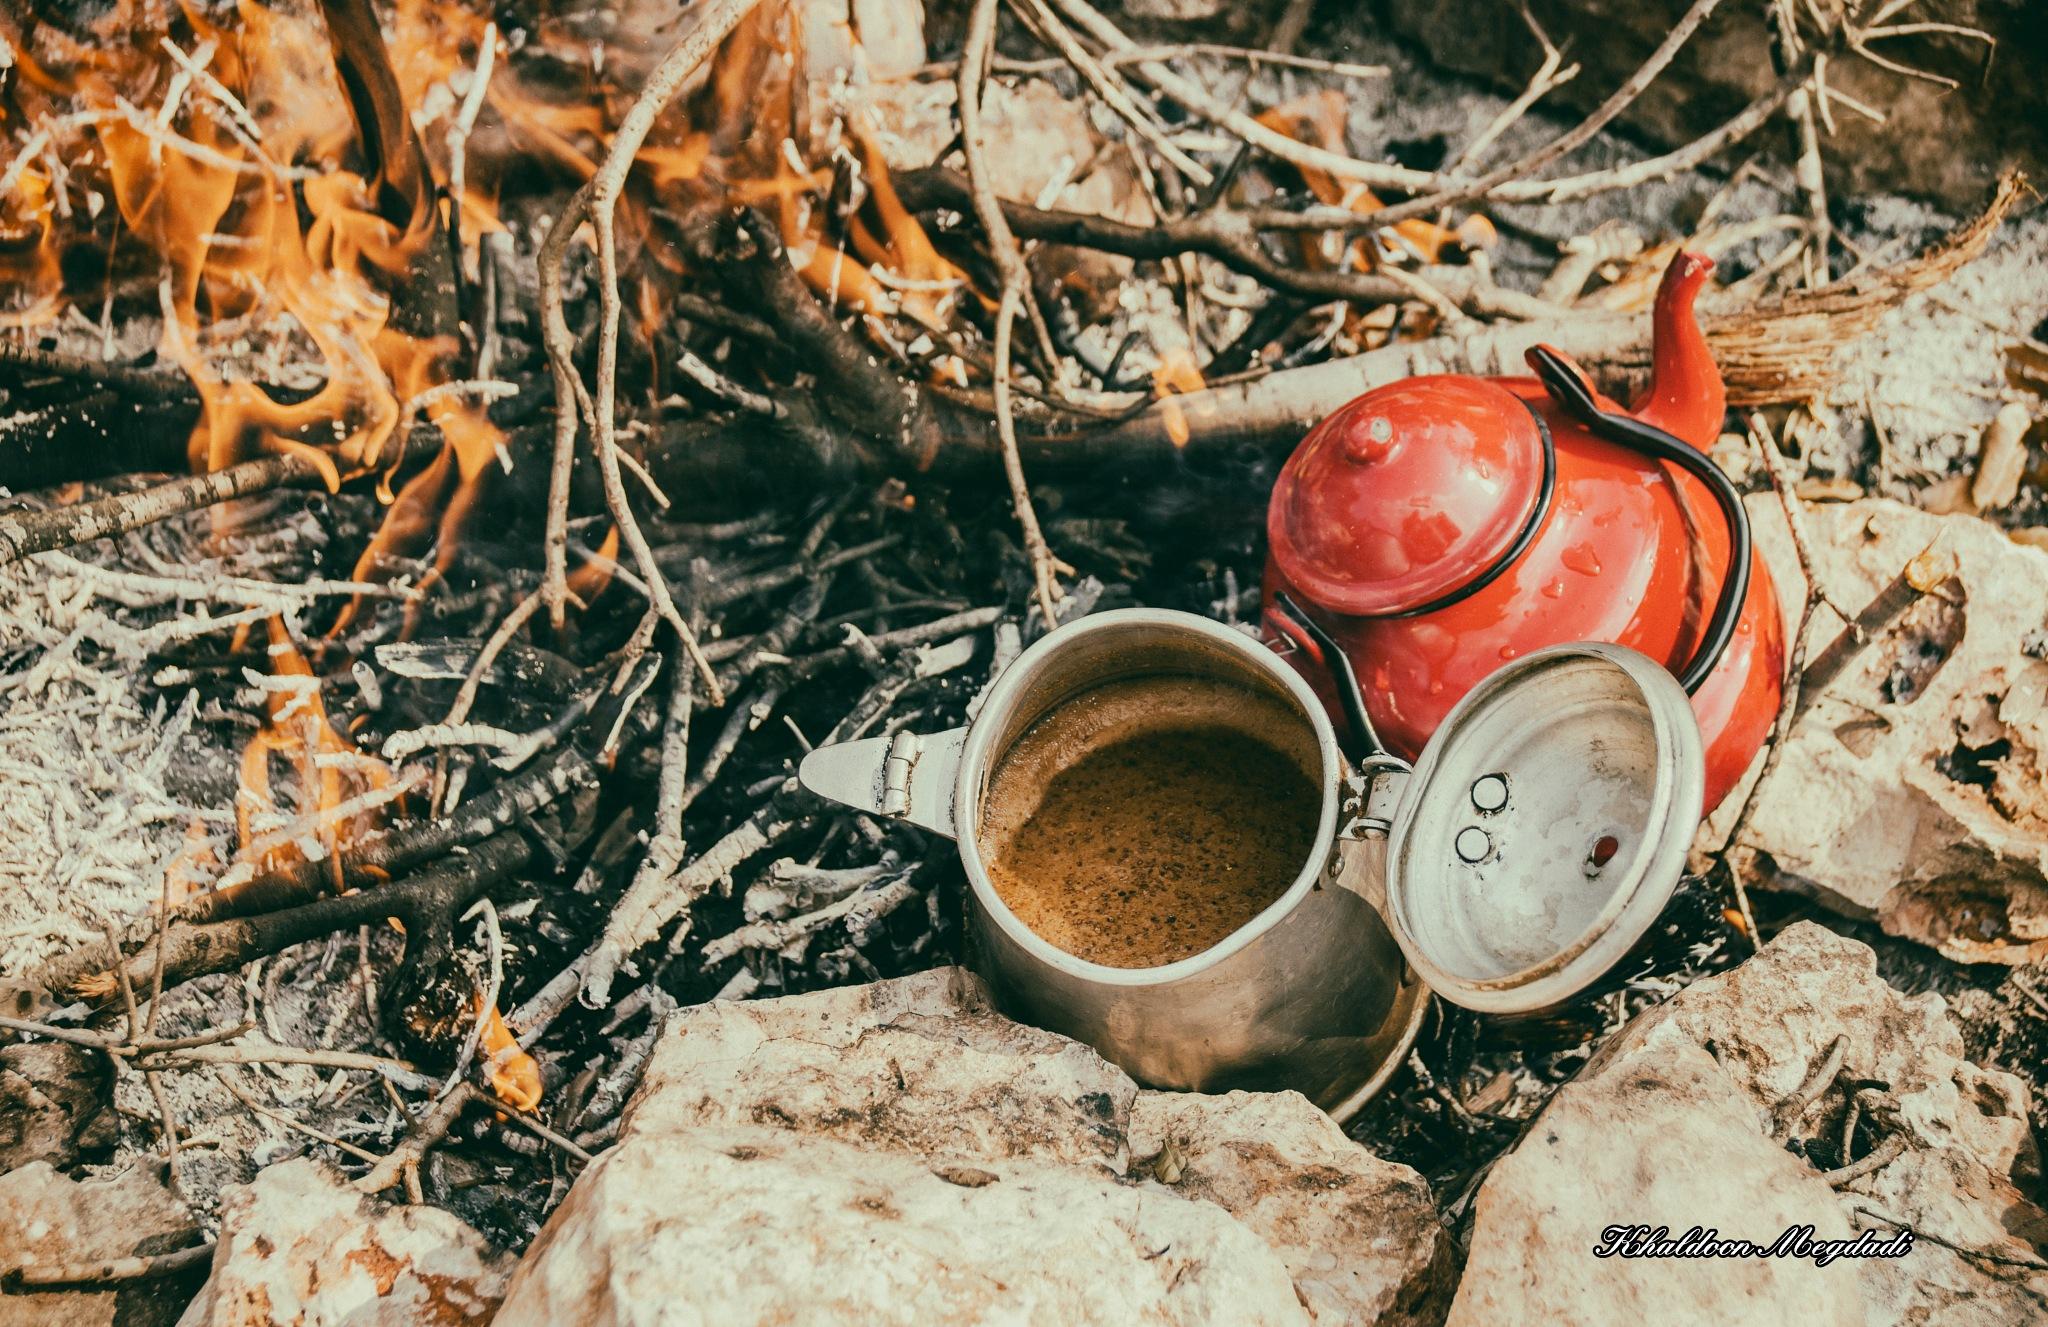 Arabic coffee by Abu Ordon